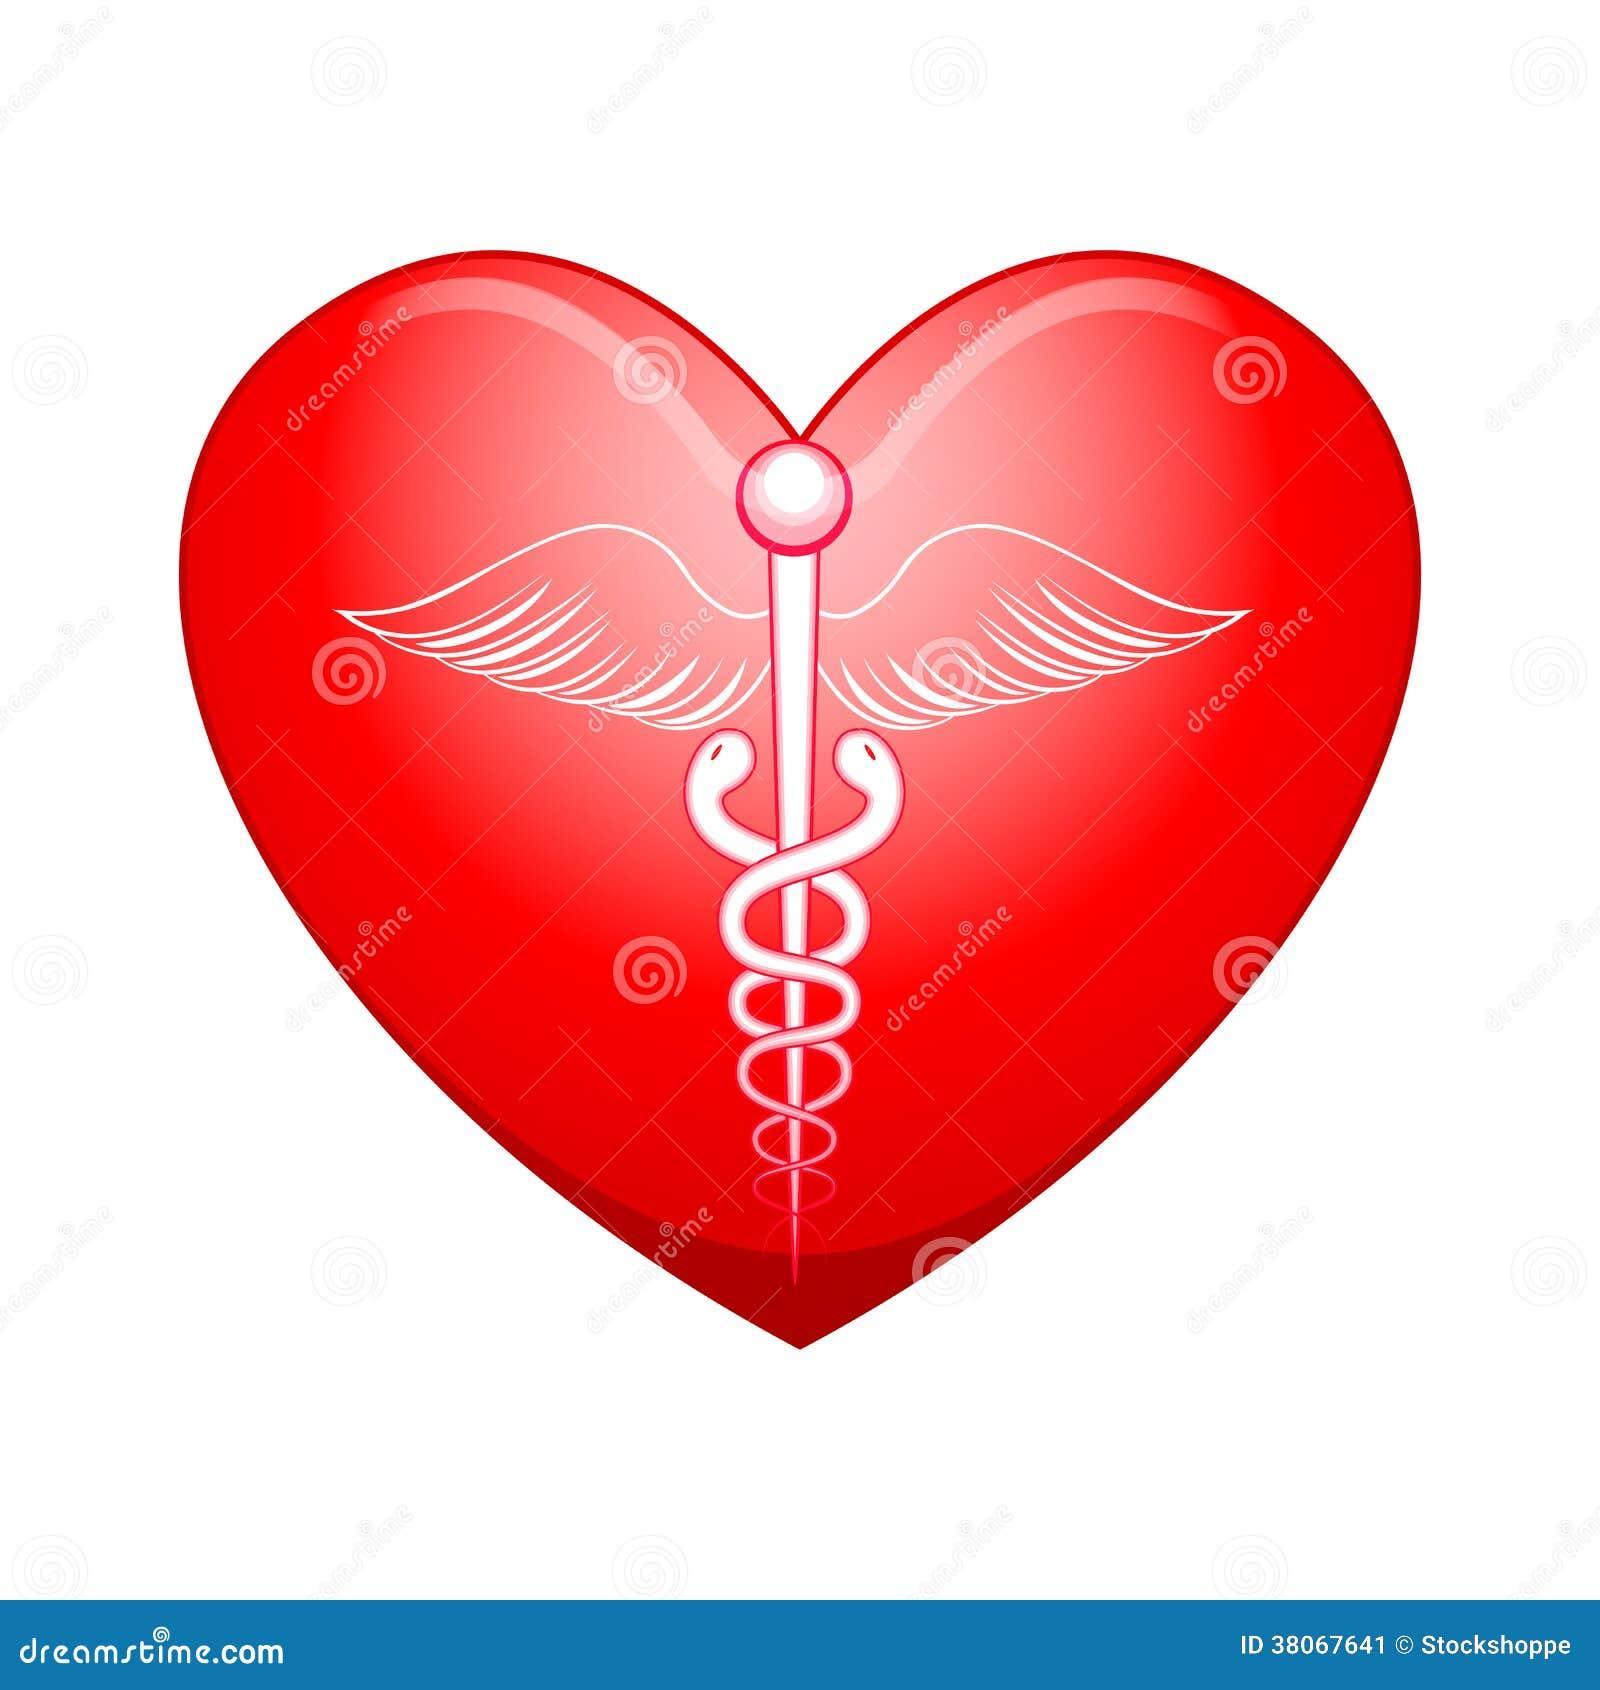 Ιατρικό σύμβολο στην καρδιά